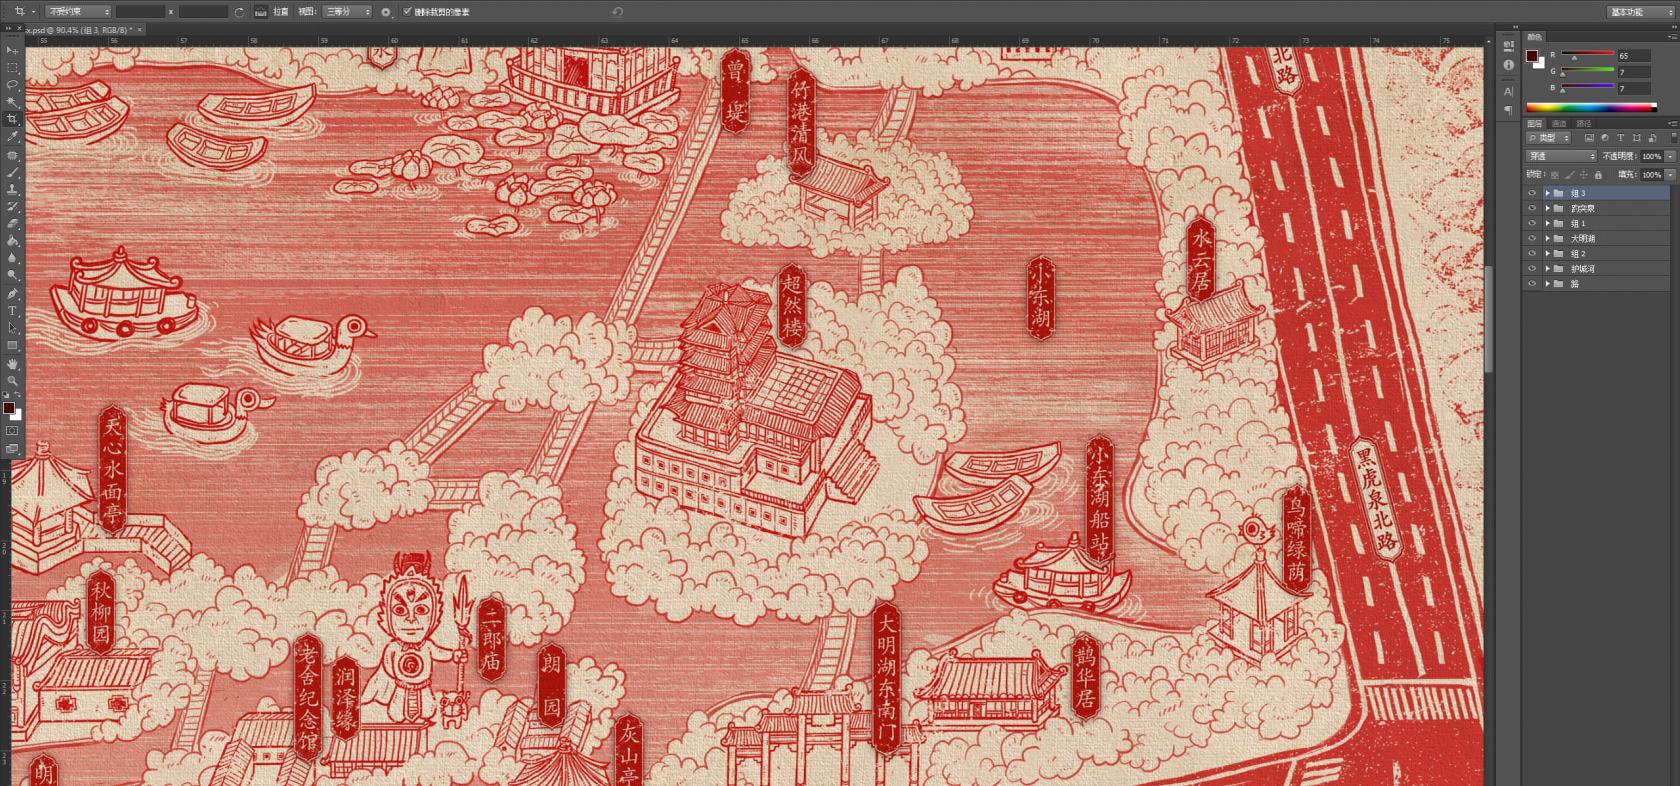 原创济南手绘地图-《最济南》